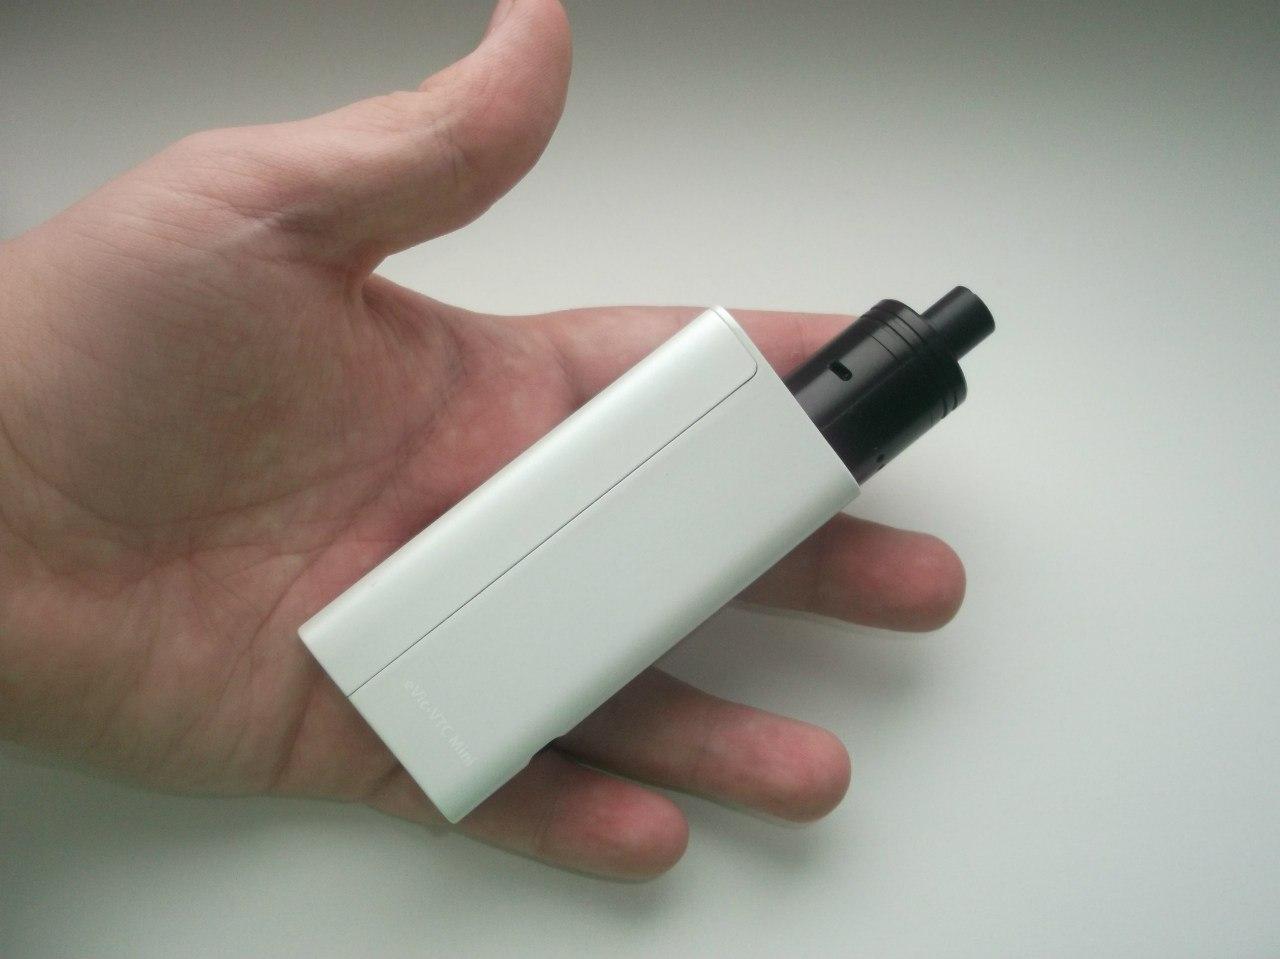 Banggood: Plume Veil V2 - интересная дрипка с мультиобдувом, клон.